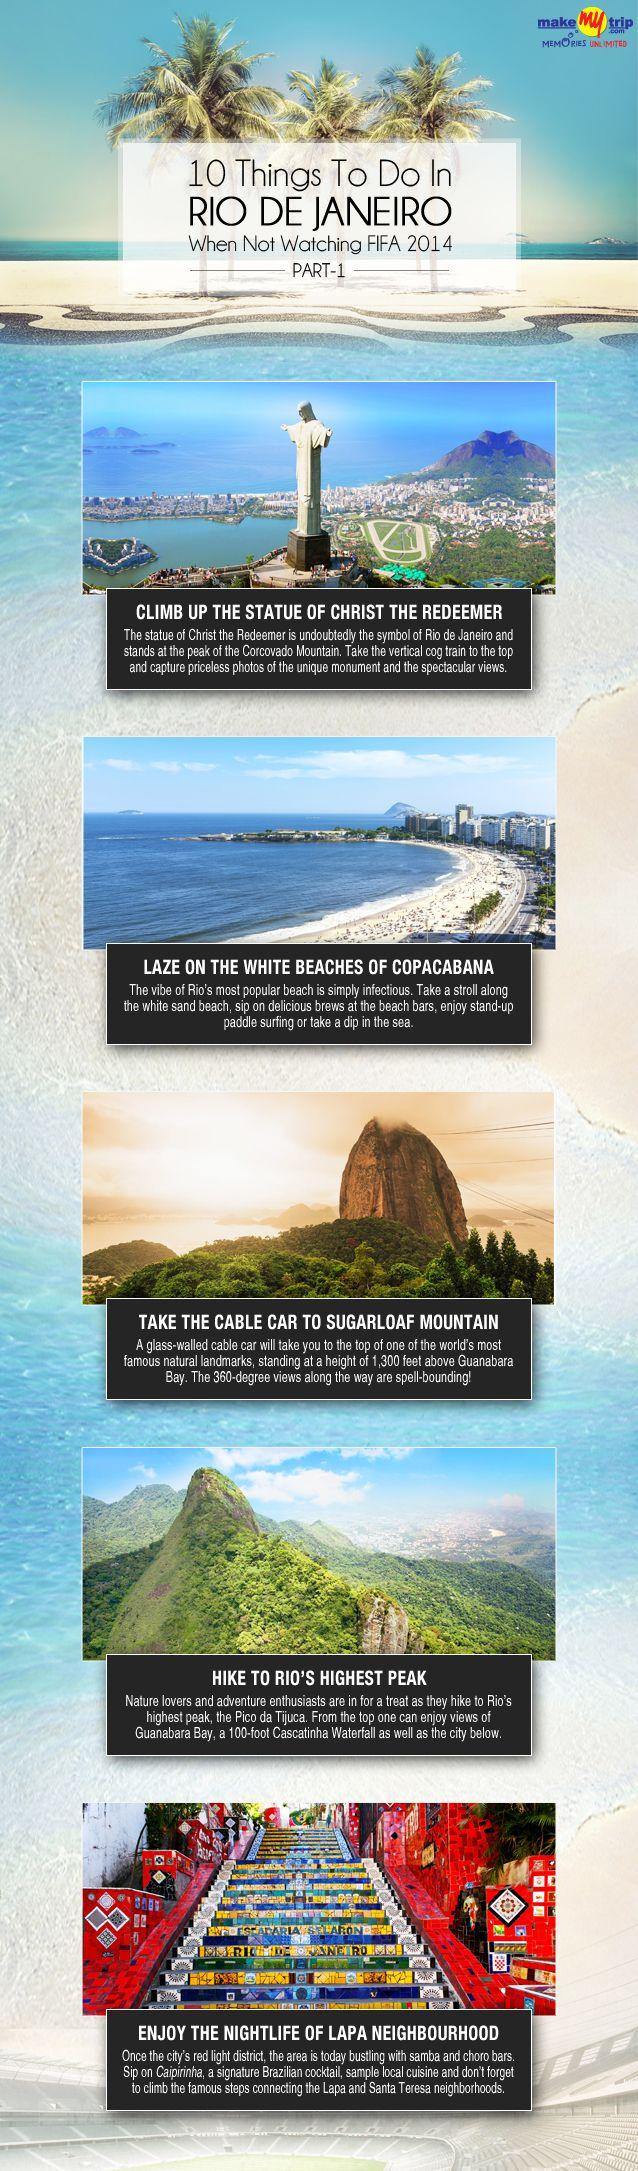 Las 10 actividades más típicas en Rio.